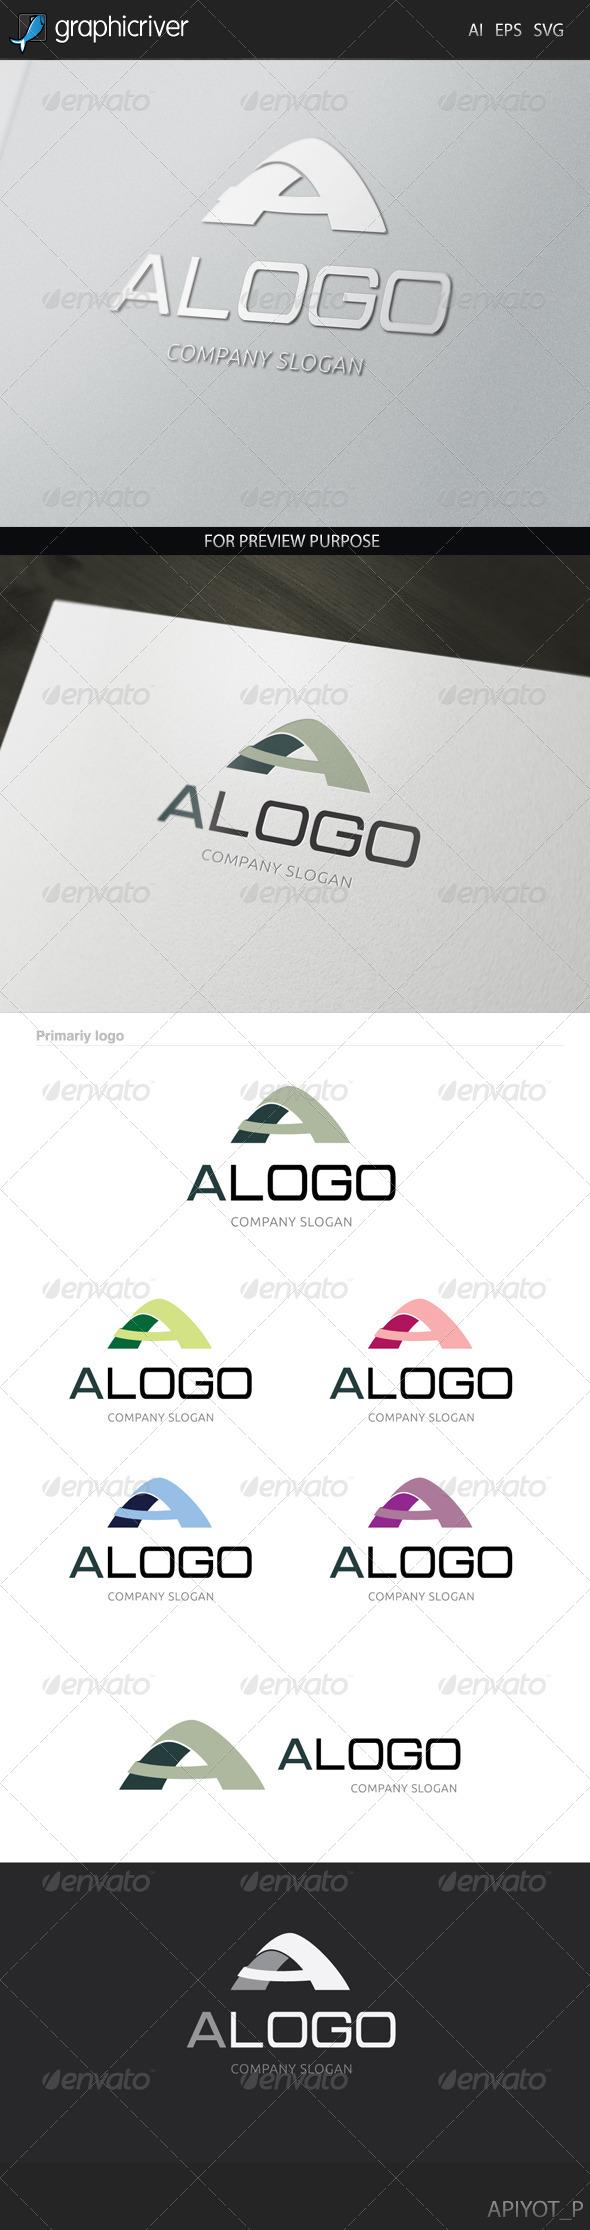 GraphicRiver A Logo 8204467